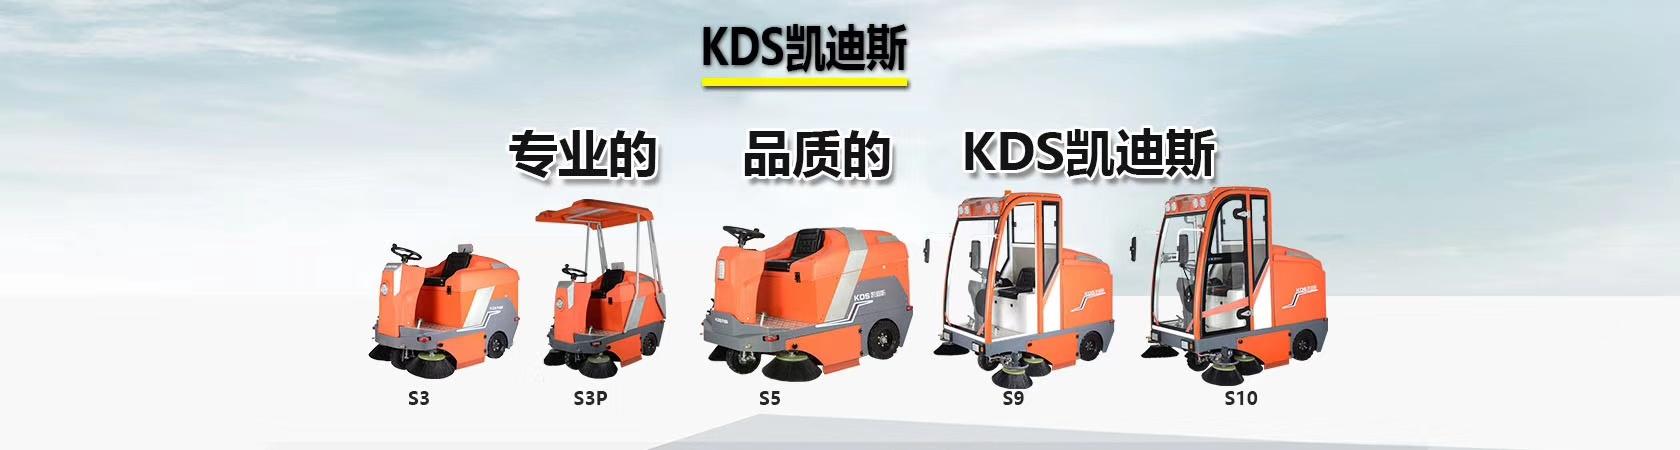 嘉兴汽车配件厂油污灰尘驾驶式洗地机HY70  清洗吸干拖地机供应商示例图18